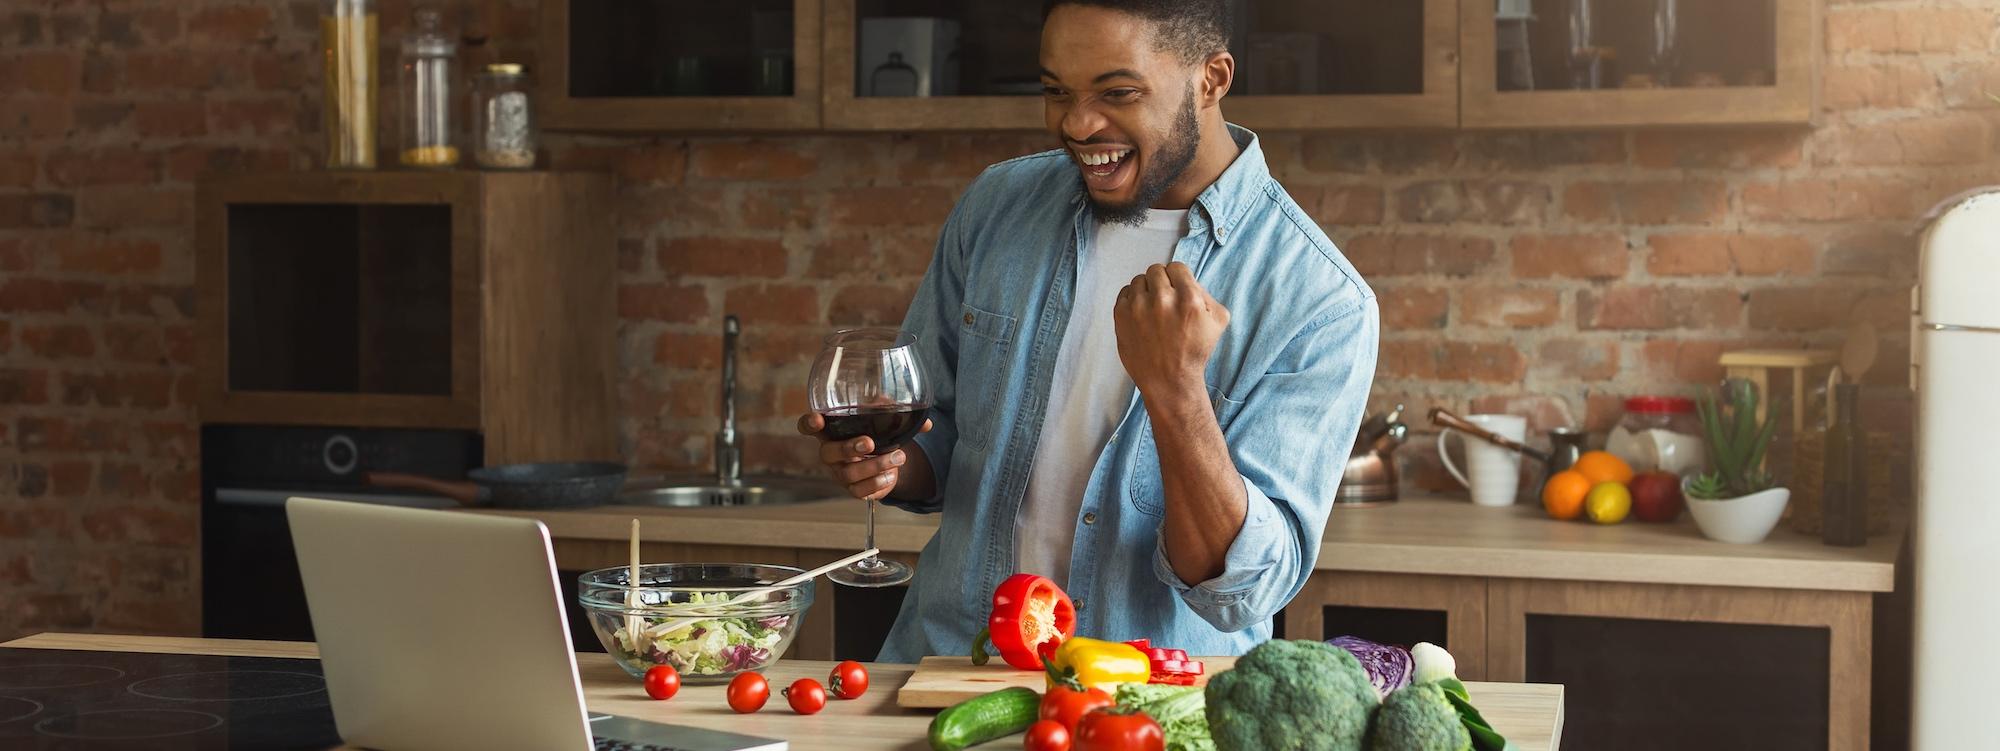 Chef-Worthy Kitchen